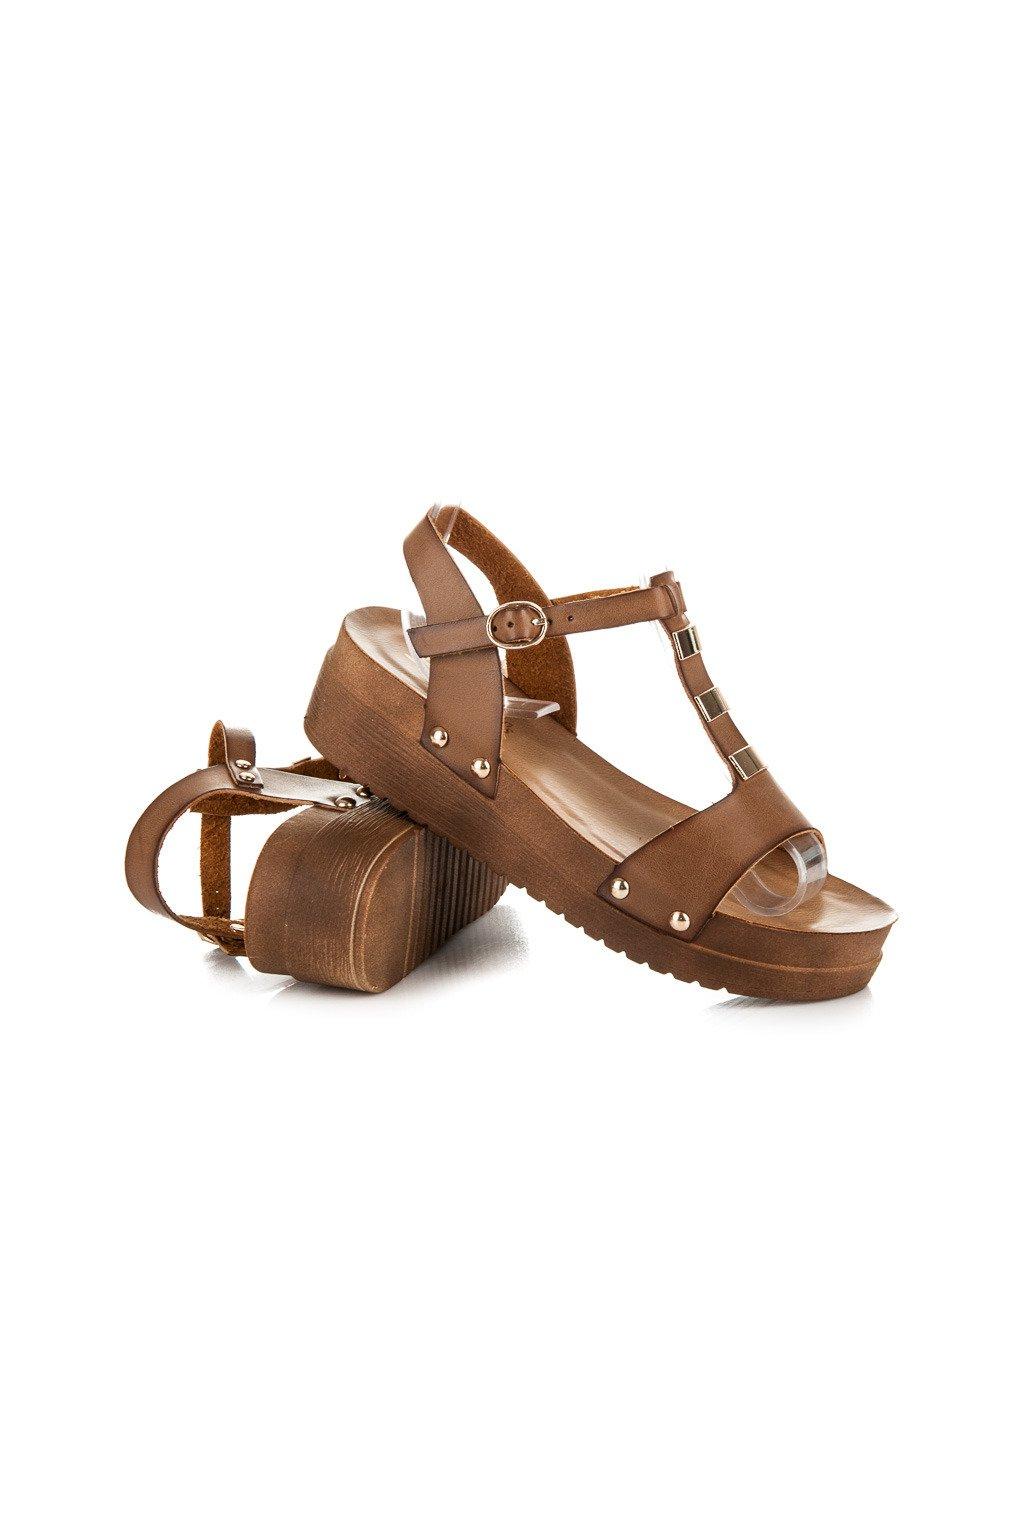 Hnedé sandále 568-6KH d7440f95e1e